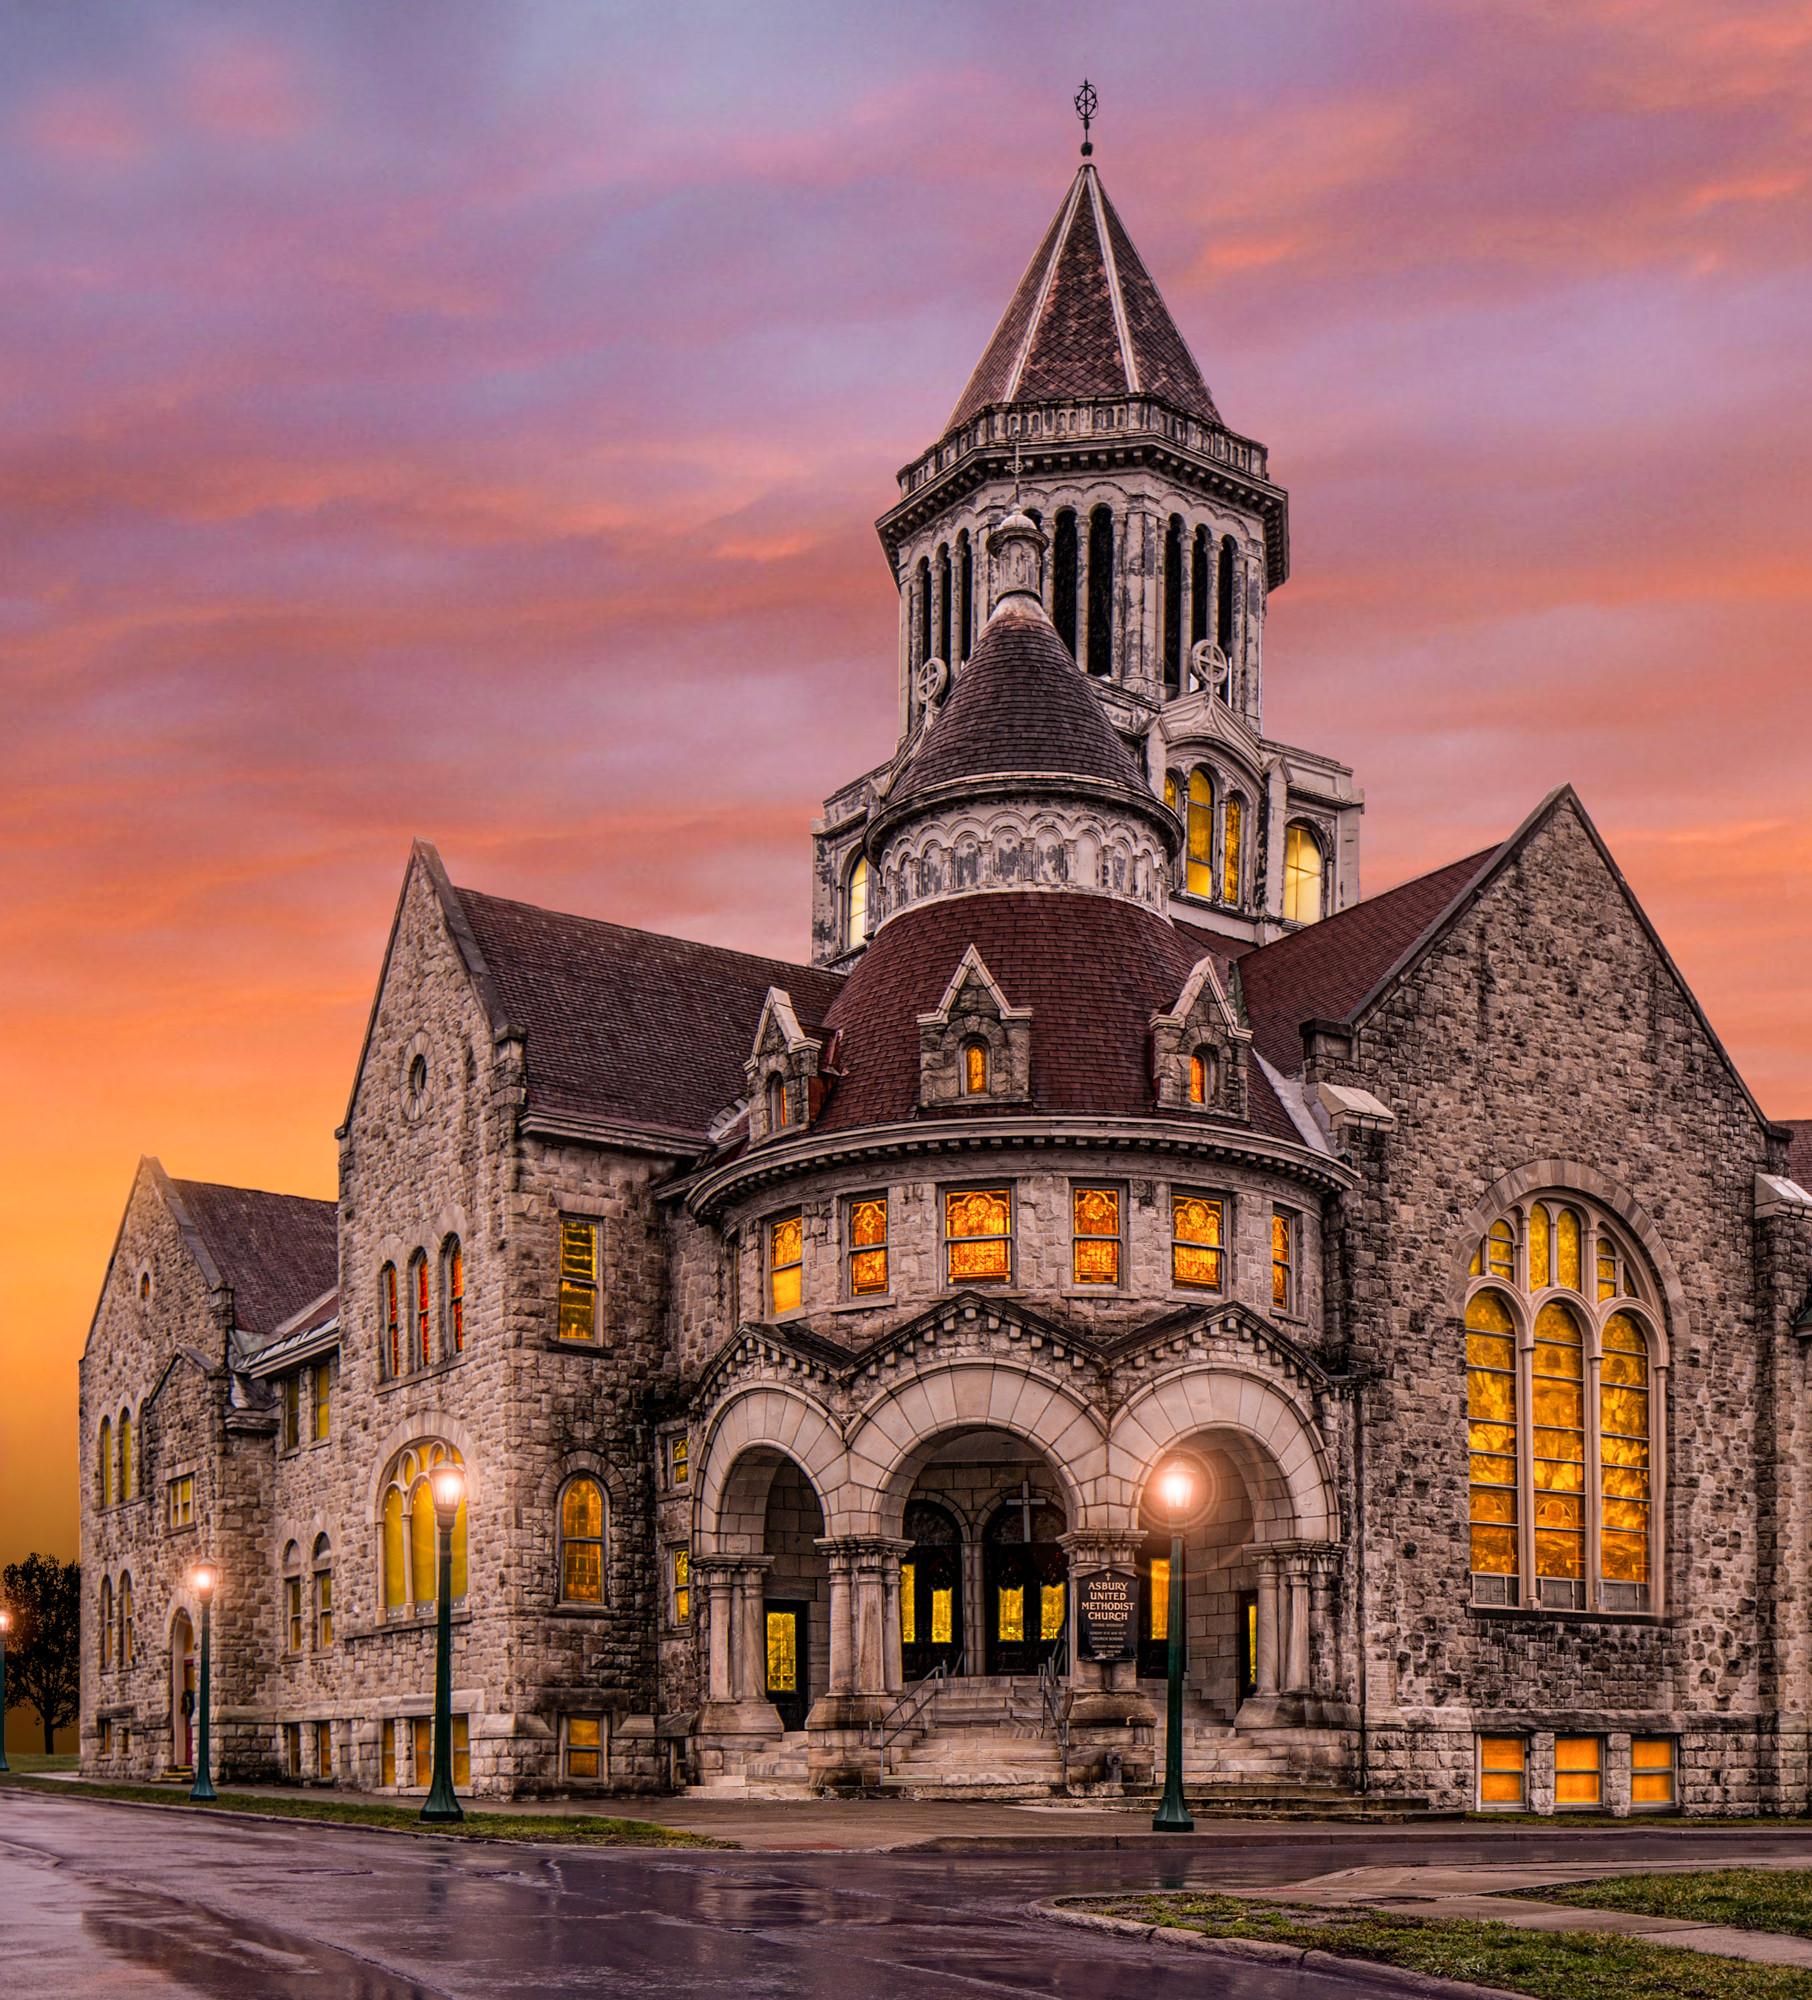 Walter Sheehey Photography - Church at Christmas-Edit.jpg